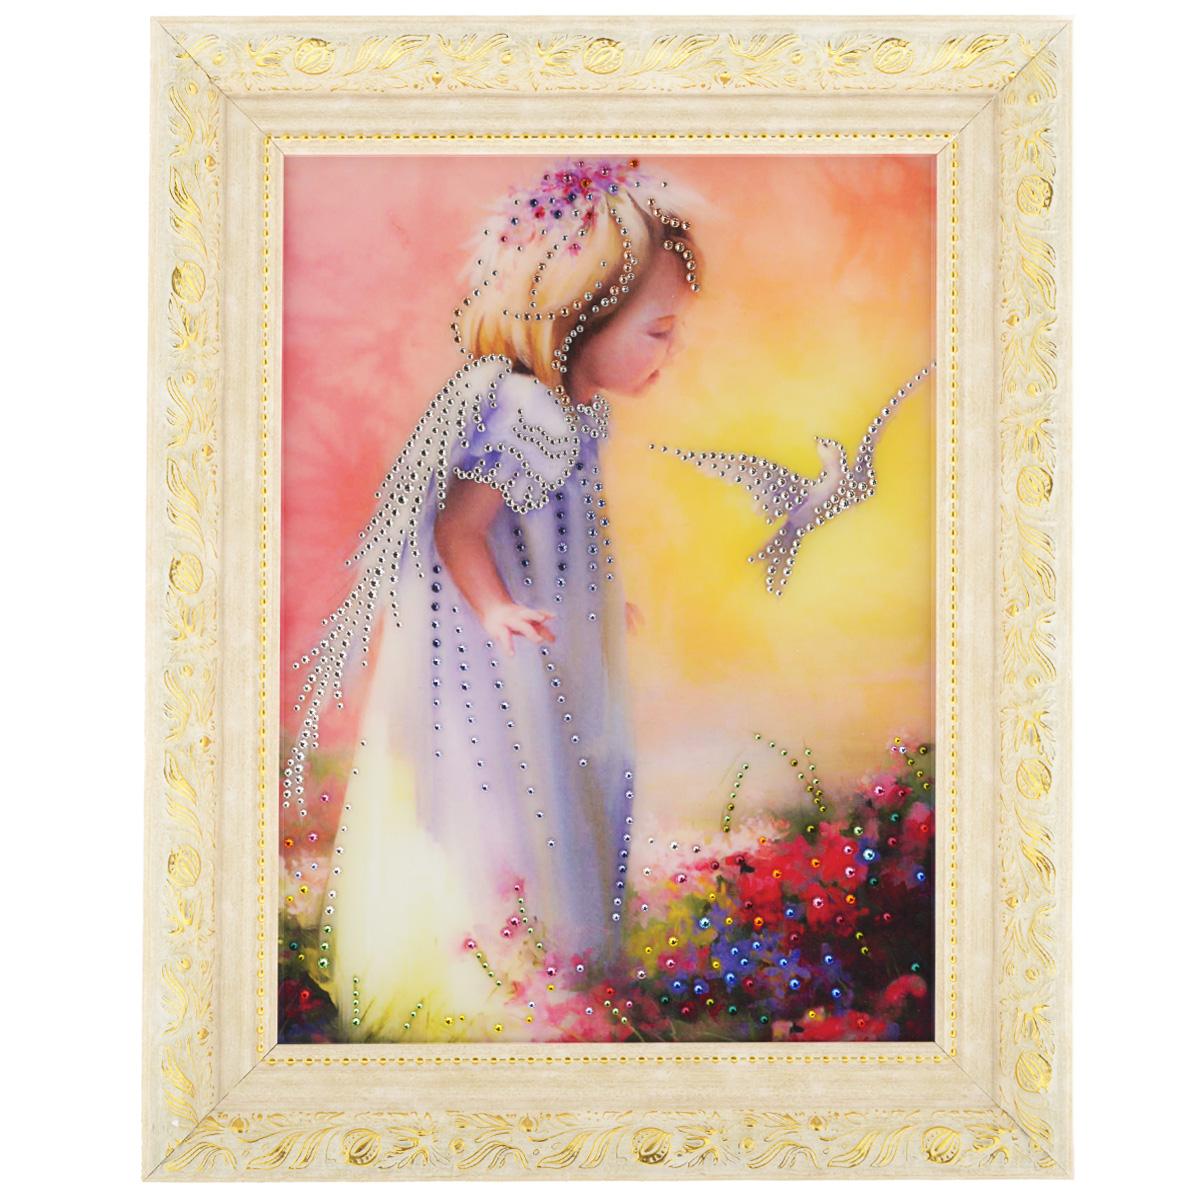 Картина с кристаллами Swarovski Детство, 50 см х 40 см1090Изящная картина в багетной раме, инкрустирована кристаллами Swarovski, которые отличаются четкой и ровной огранкой, ярким блеском и чистотой цвета. Красочное изображение маленькой девочки и птички, расположенное под стеклом, прекрасно дополняет блеск кристаллов. С обратной стороны имеется металлическая проволока для размещения картины на стене. Картина с кристаллами Swarovski Детство элегантно украсит интерьер дома или офиса, а также станет прекрасным подарком, который обязательно понравится получателю. Блеск кристаллов в интерьере, что может быть сказочнее и удивительнее. Картина упакована в подарочную картонную коробку синего цвета и комплектуется сертификатом соответствия Swarovski.